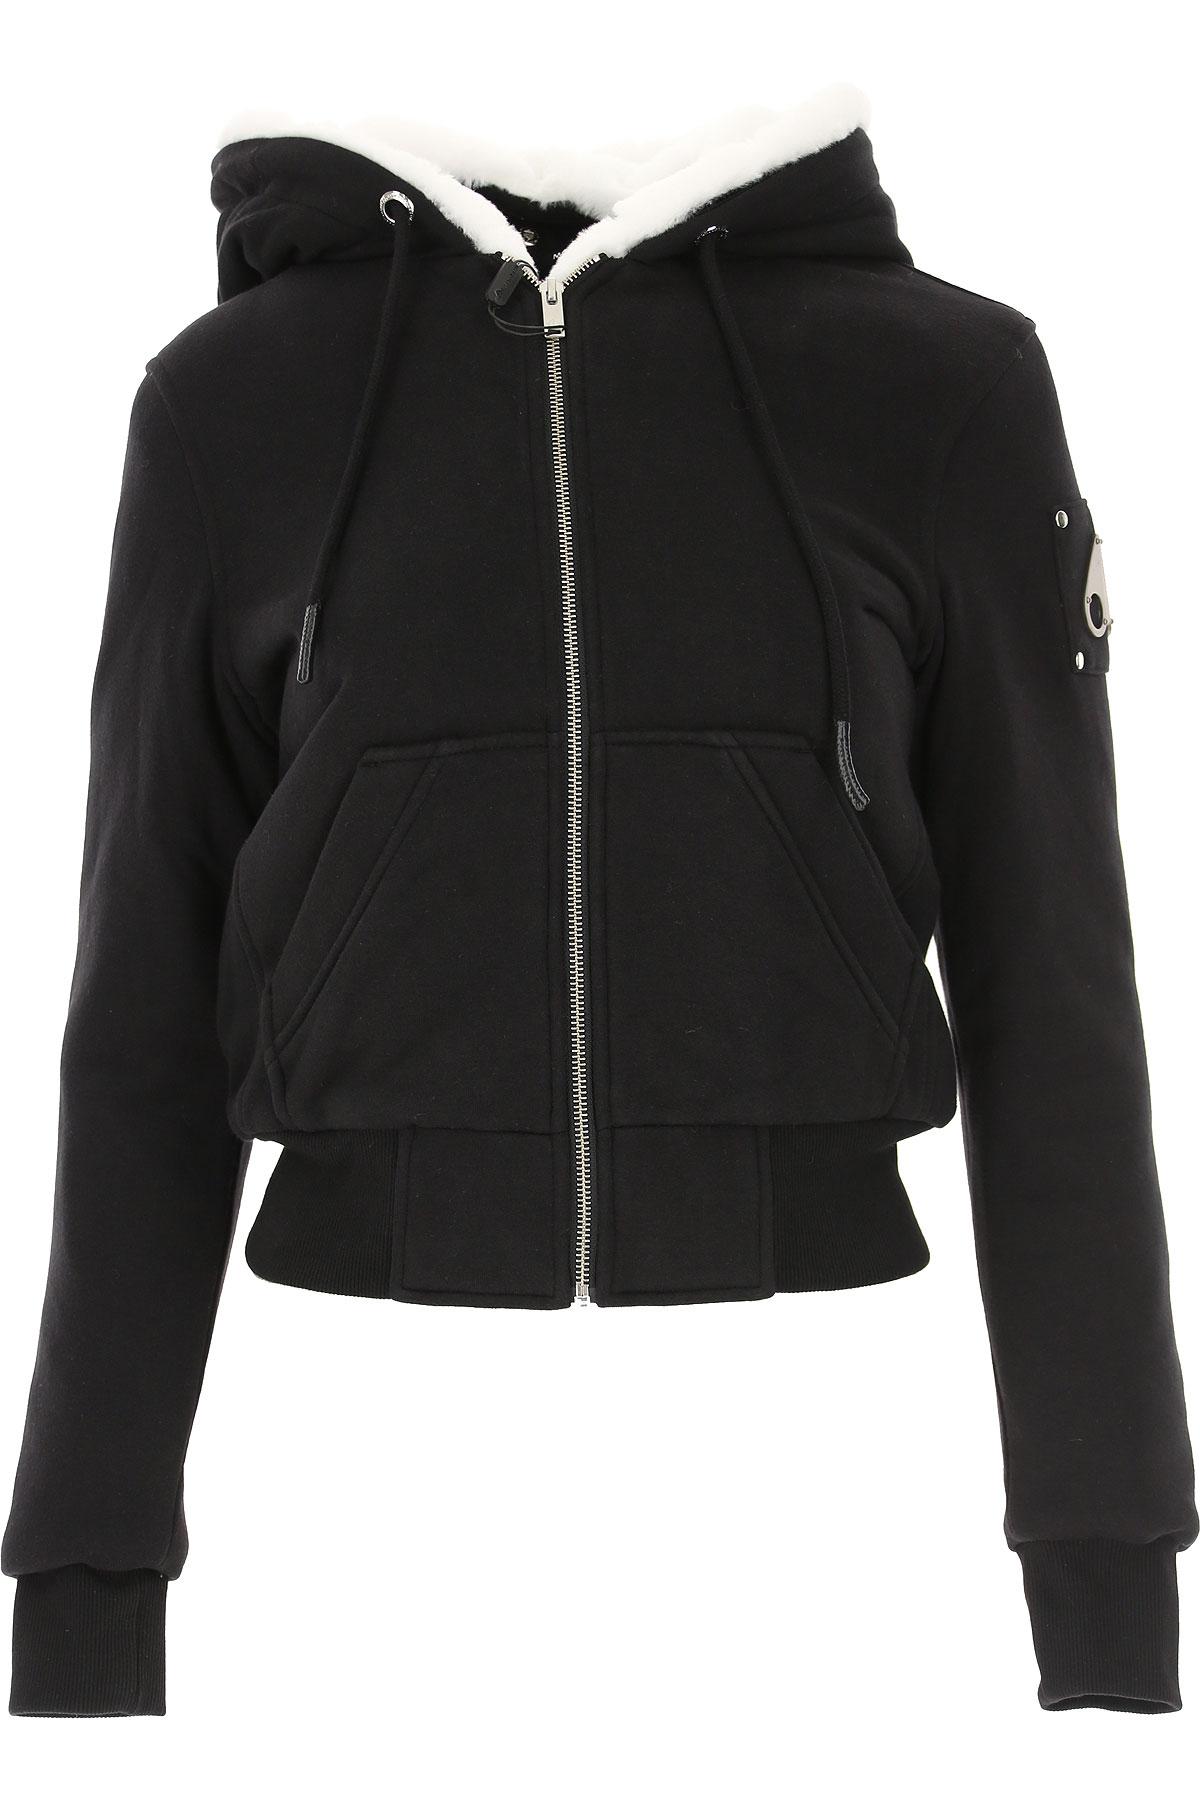 Moose Knuckles Jacket for Women On Sale, Black, Cotton, 2019, 2 4 6